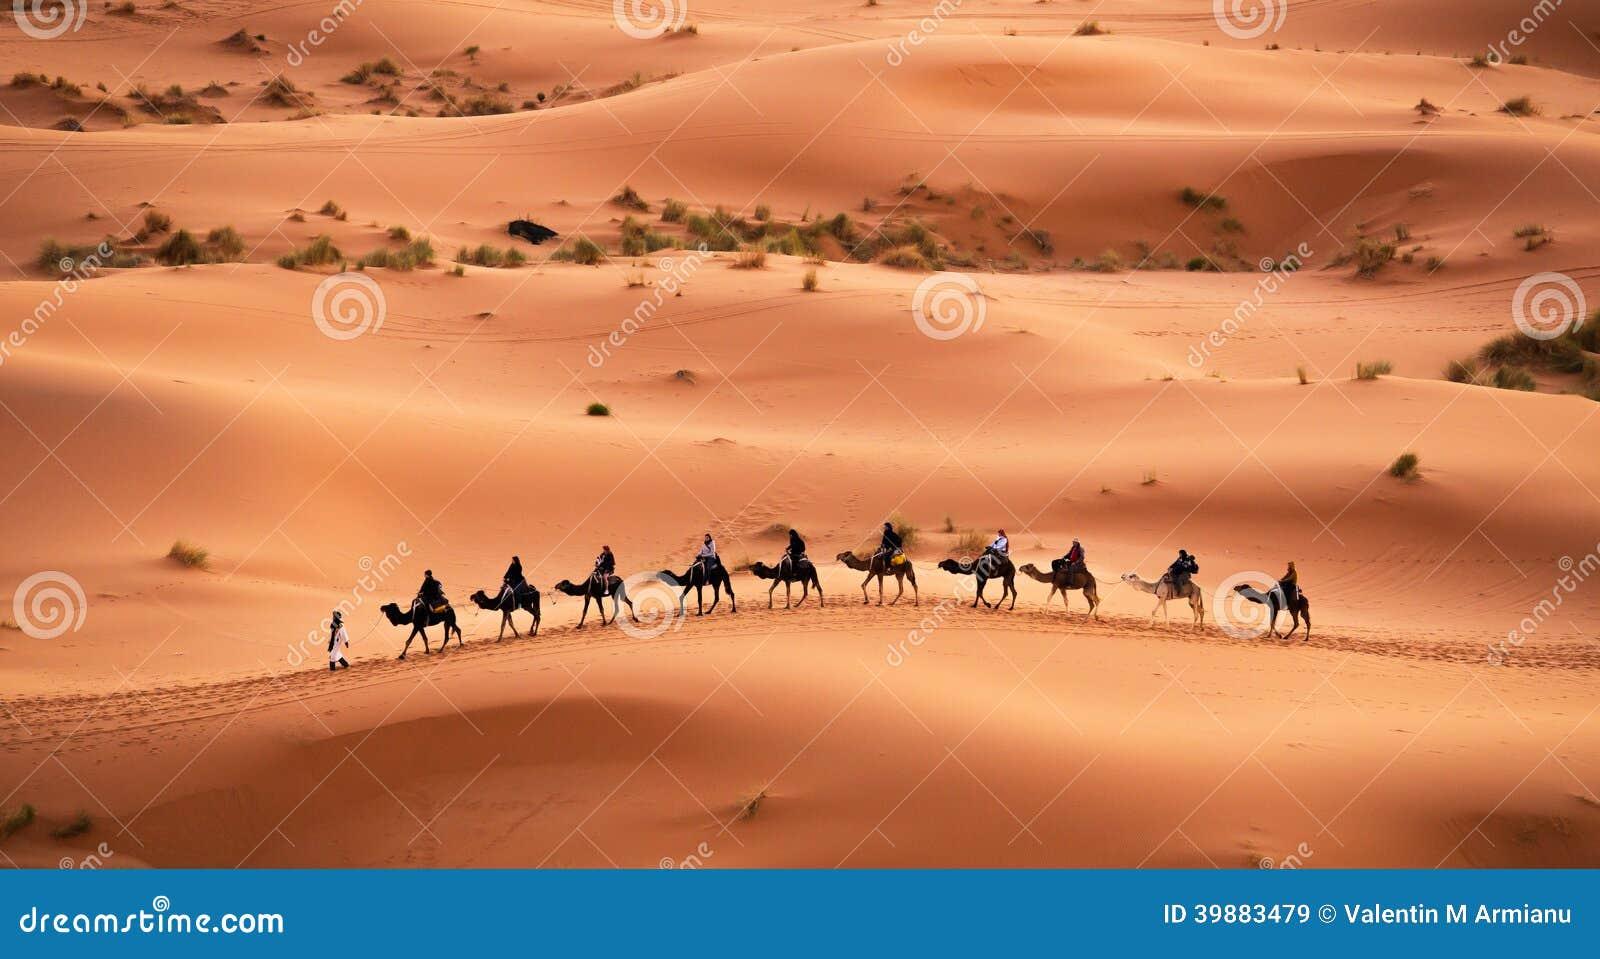 Kamelwohnwagen